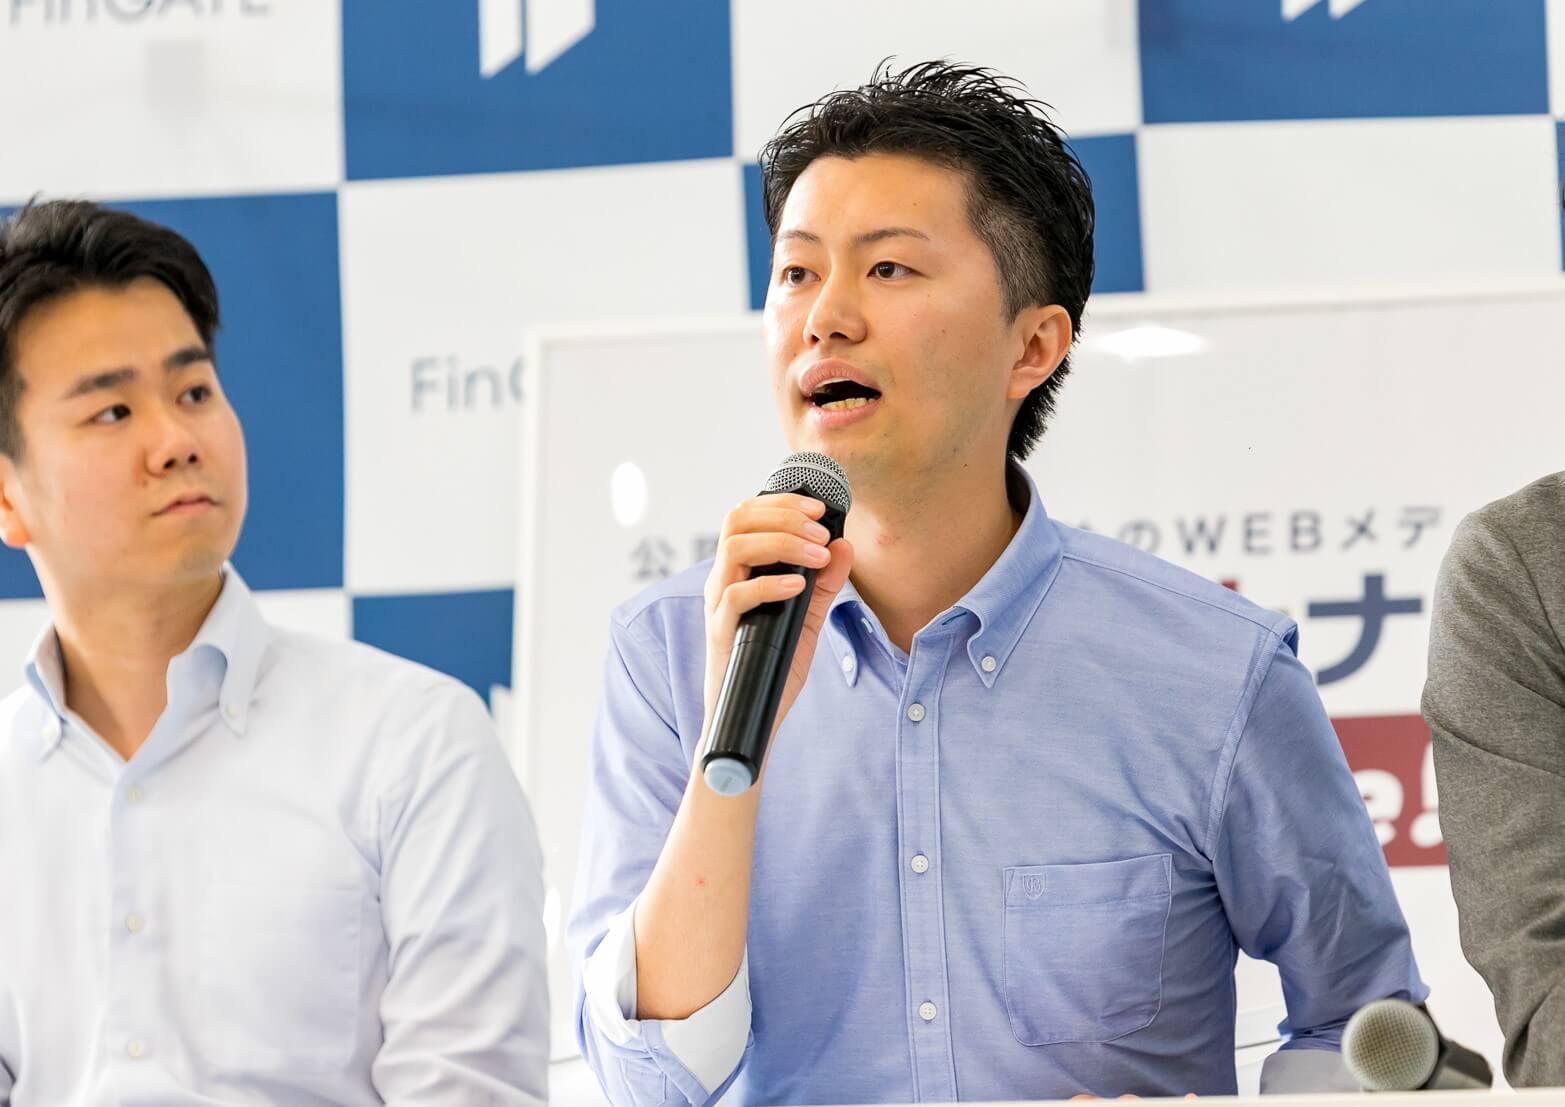 清水 寛司 東京共同会計事務所 コンサルティング部 スーパーバイザー/公認会計士